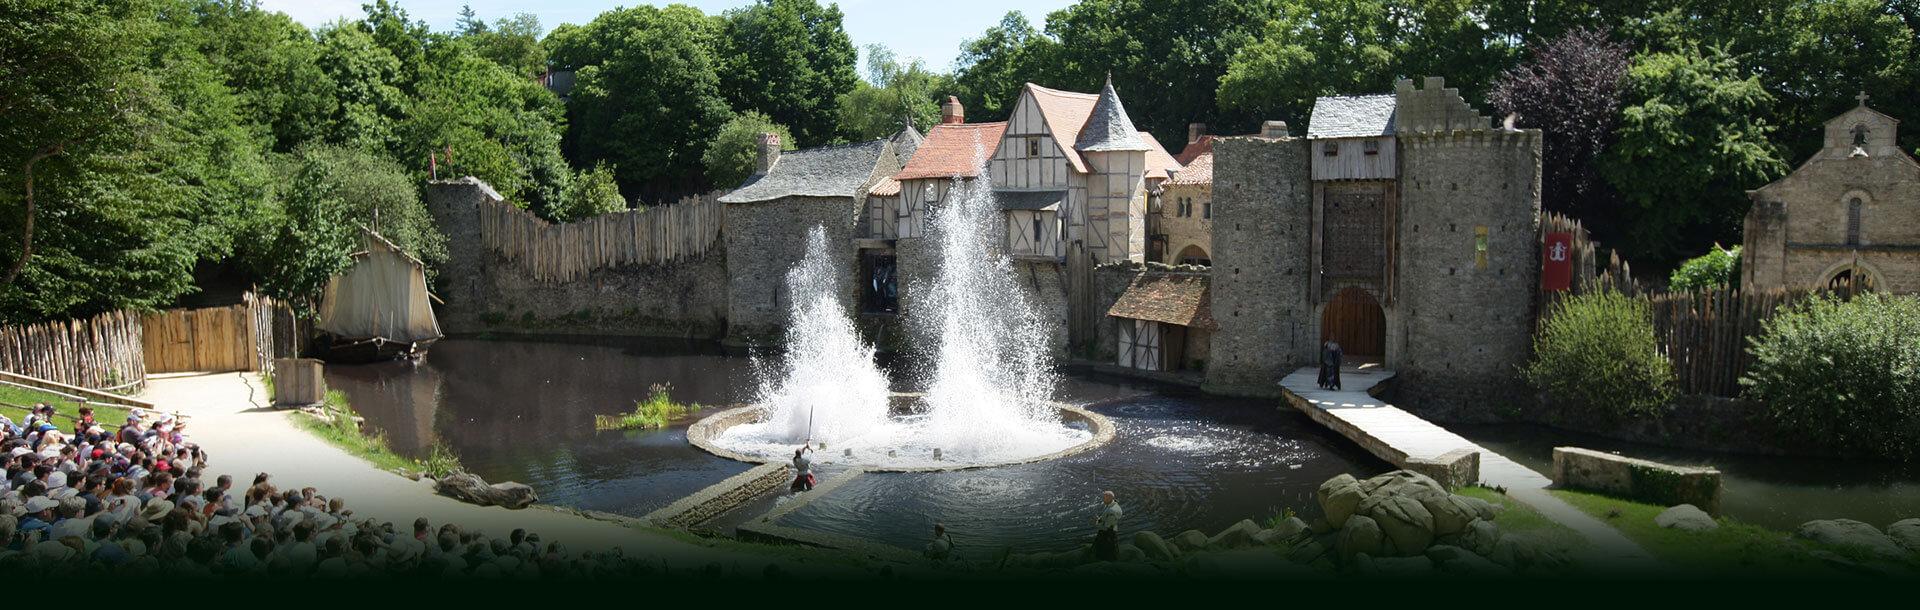 Sites de visite aux portes du Parc